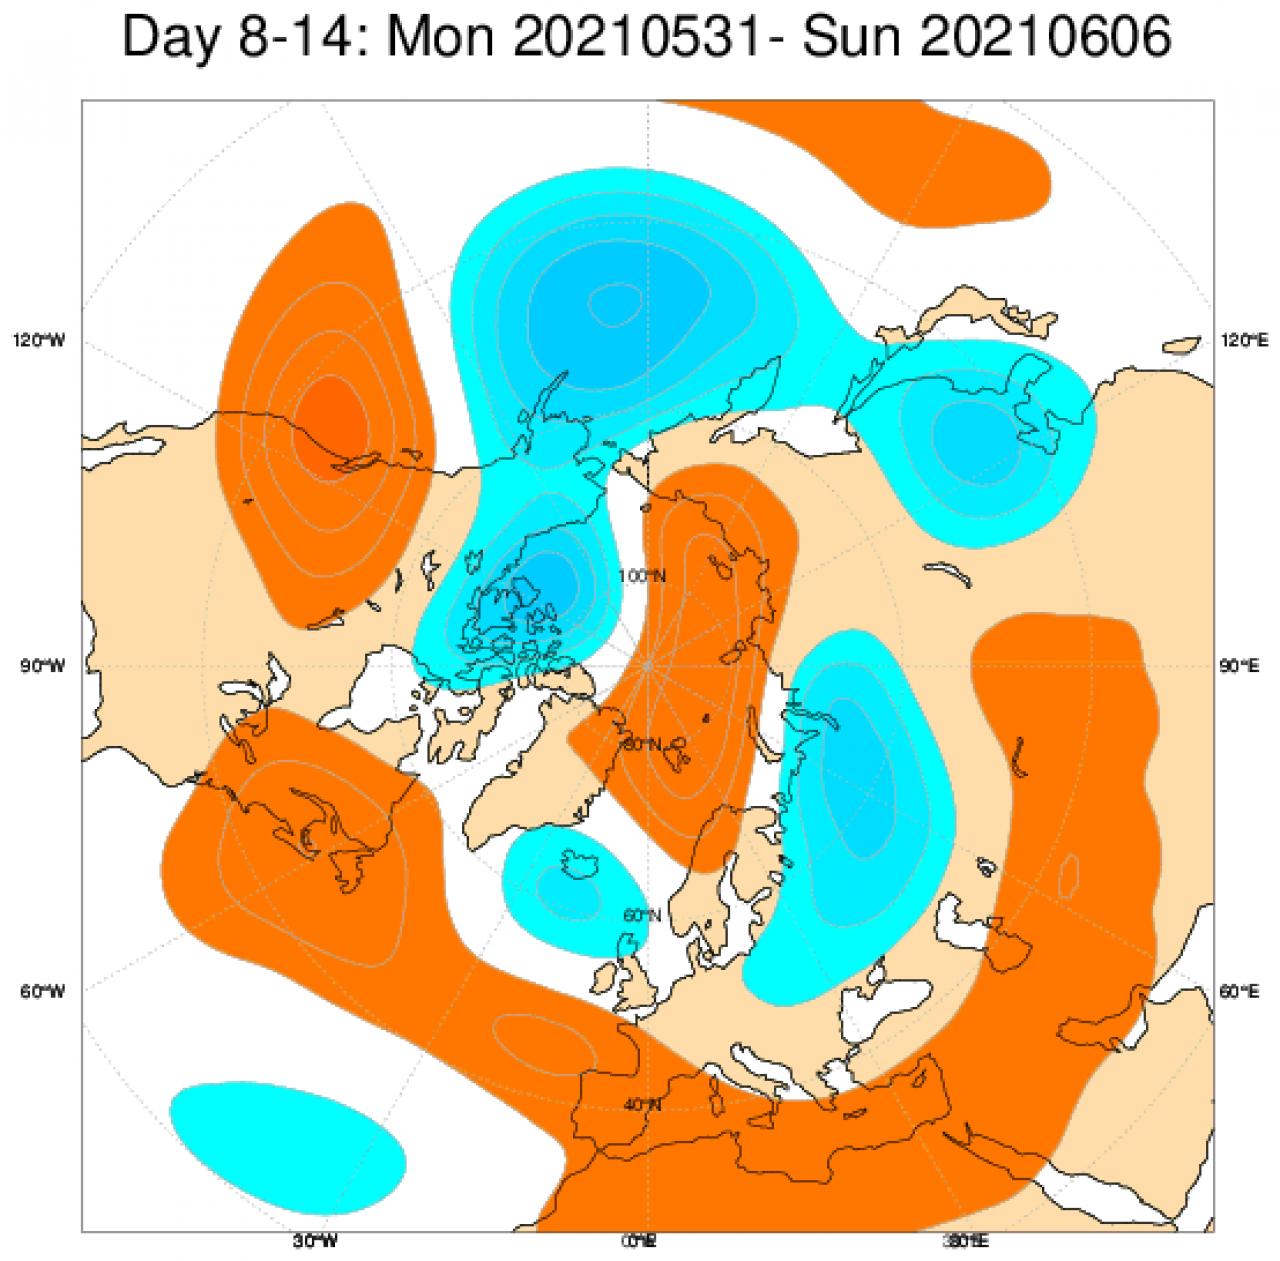 Anomalie di geopotenziale attese tra il 31 maggio e il 6 giugno 2021 - Da ECMWF